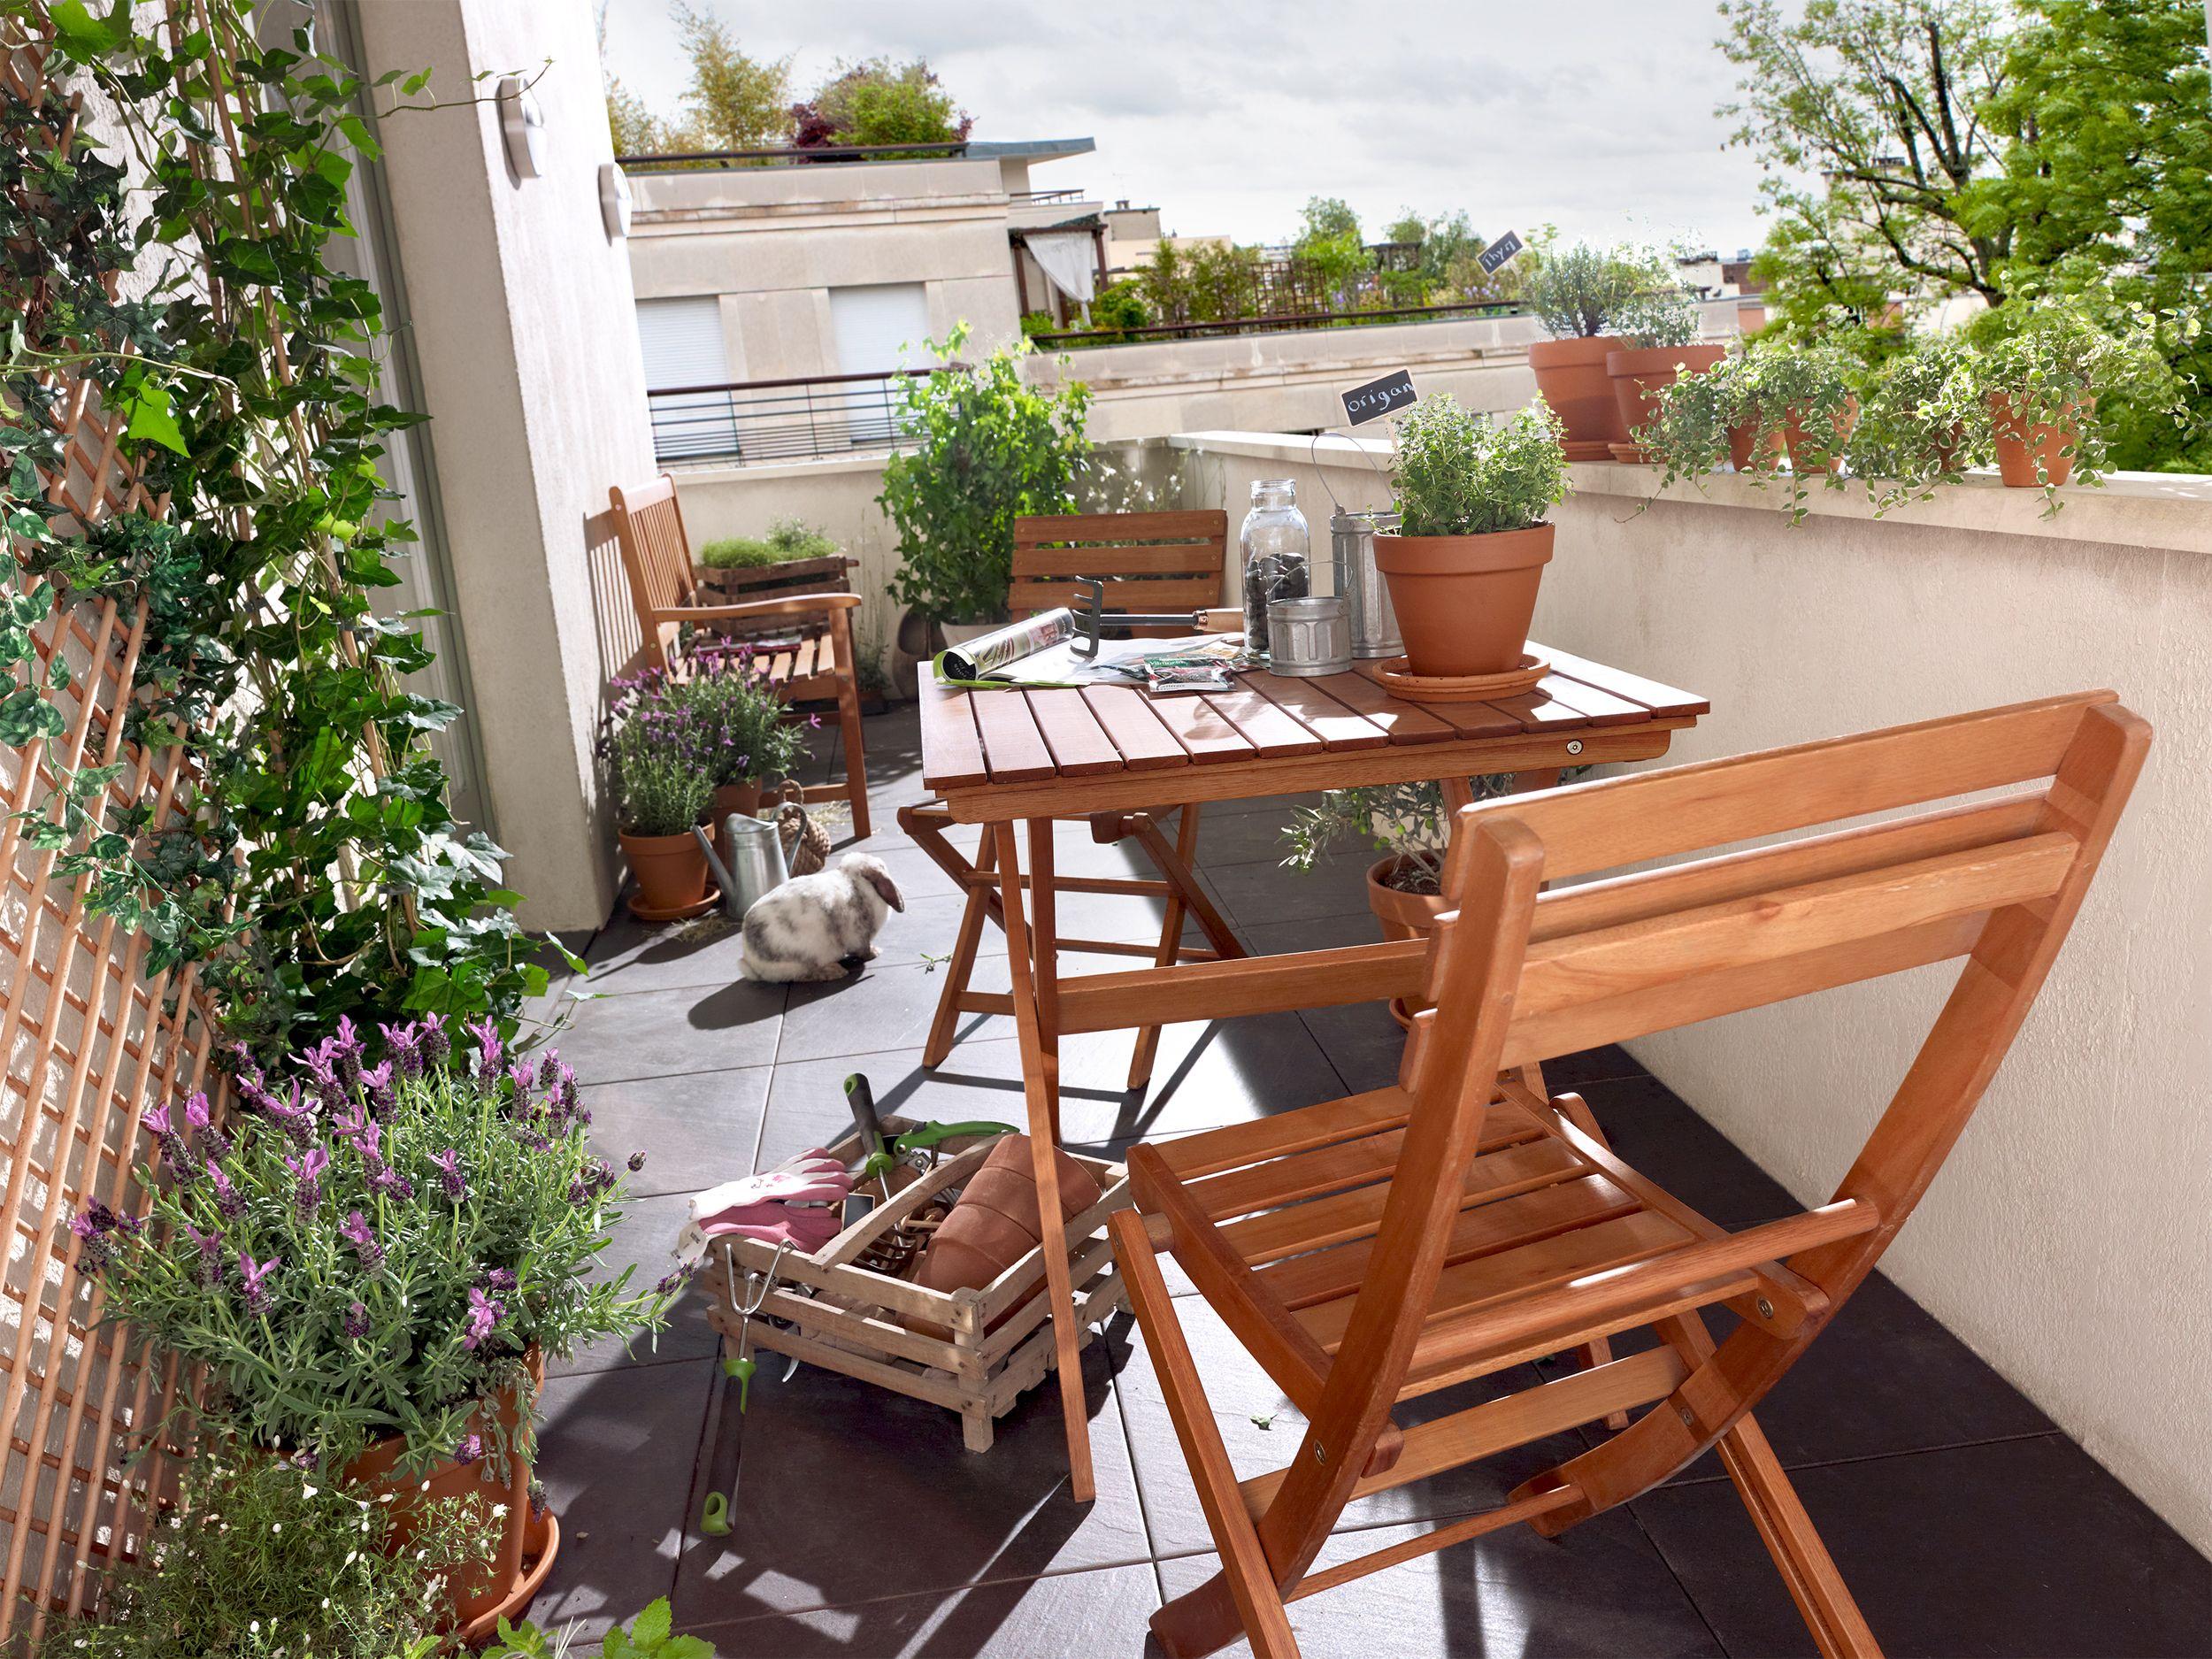 Mobilier pliant BLOOMA Worcester | Extérieur/balcon | Pinterest ...